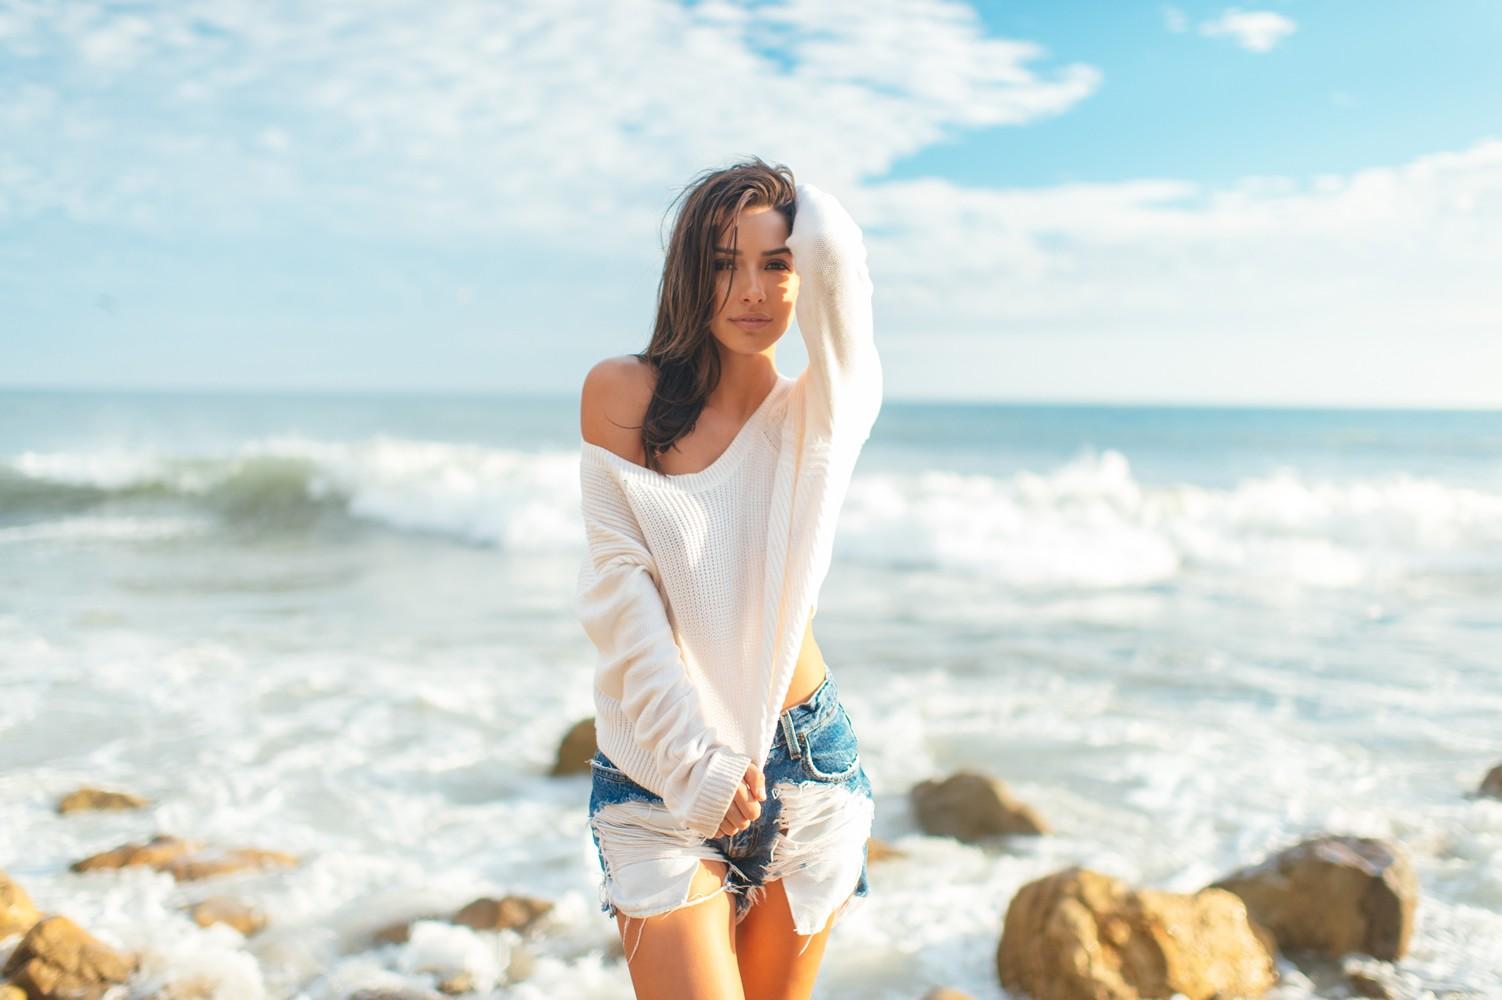 Wallpaper : women outdoors, model, sea, brunette